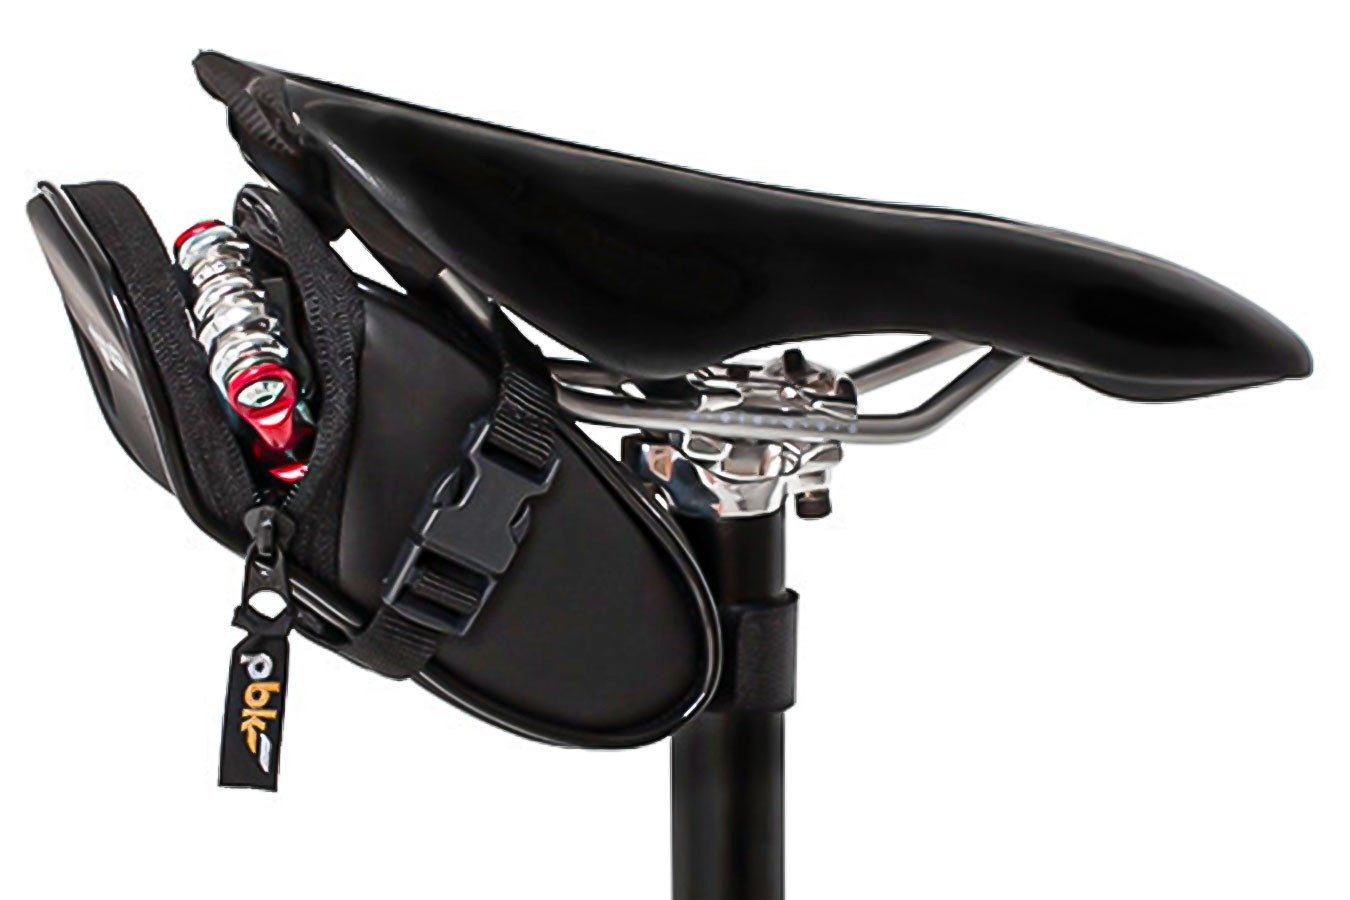 Bolsa para Selim M2 0104E - Pró-bike